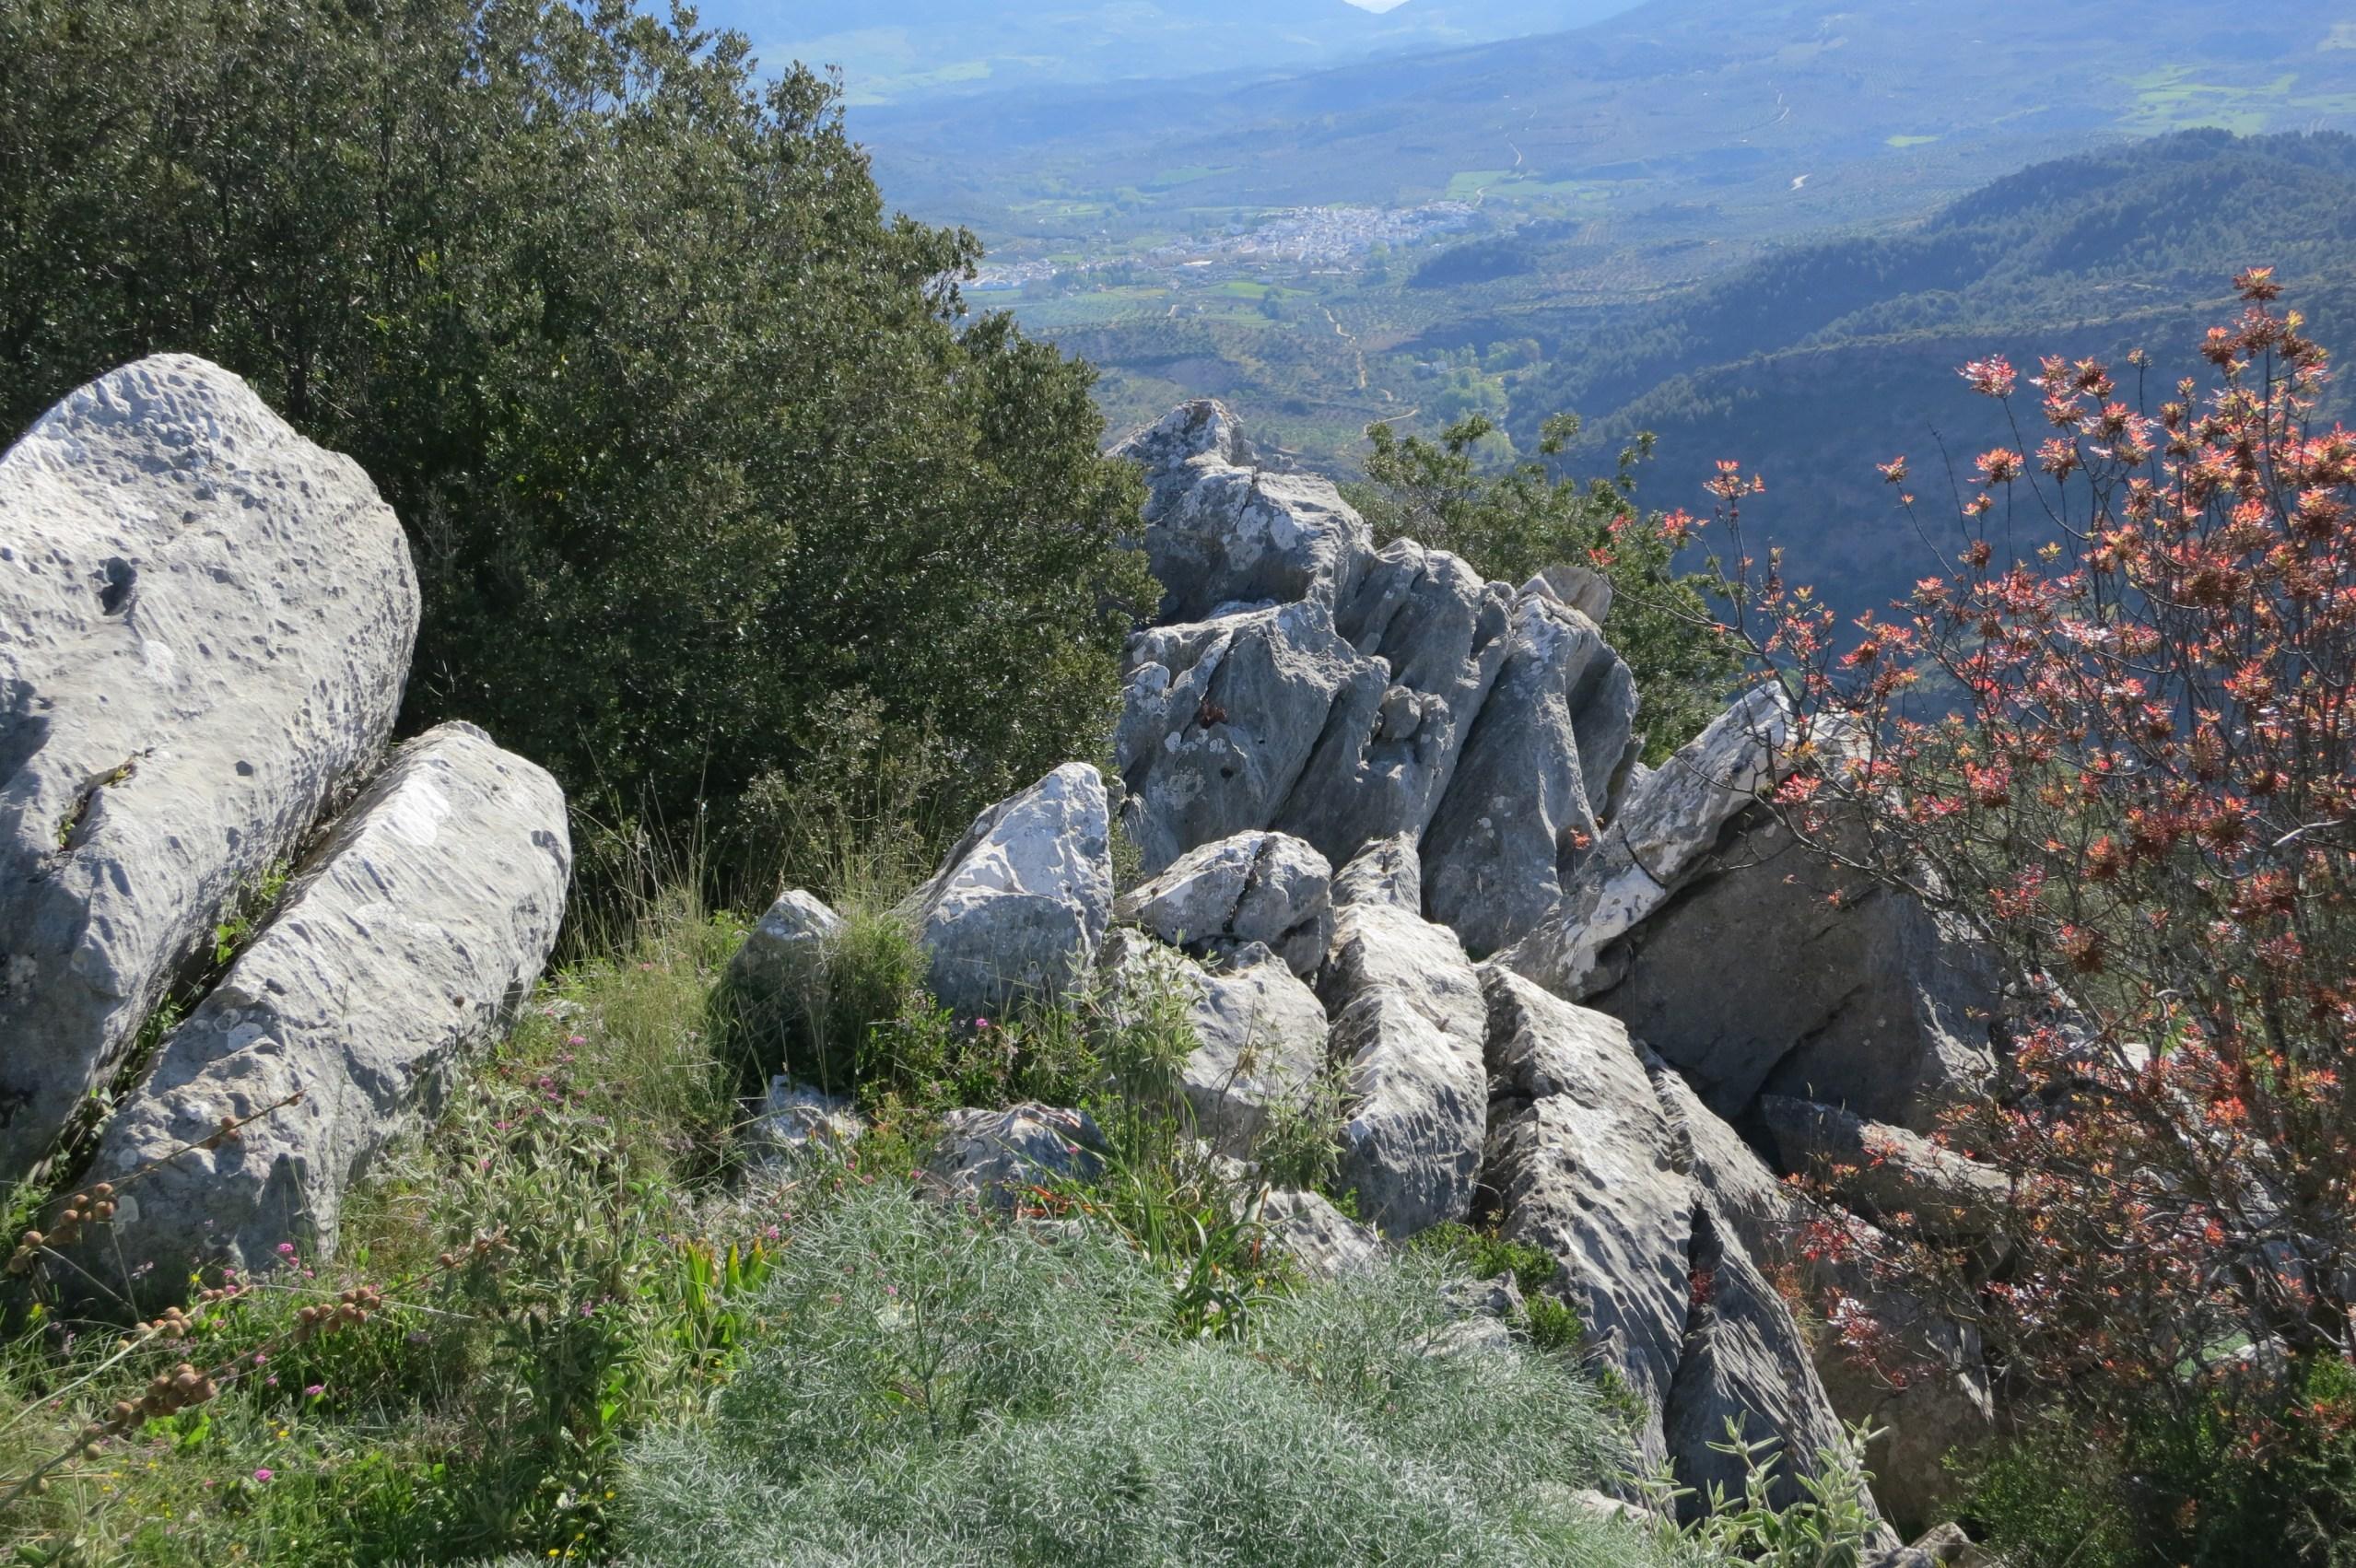 Panorama, Flora und Fauna des Mirador del Guarda Forestal